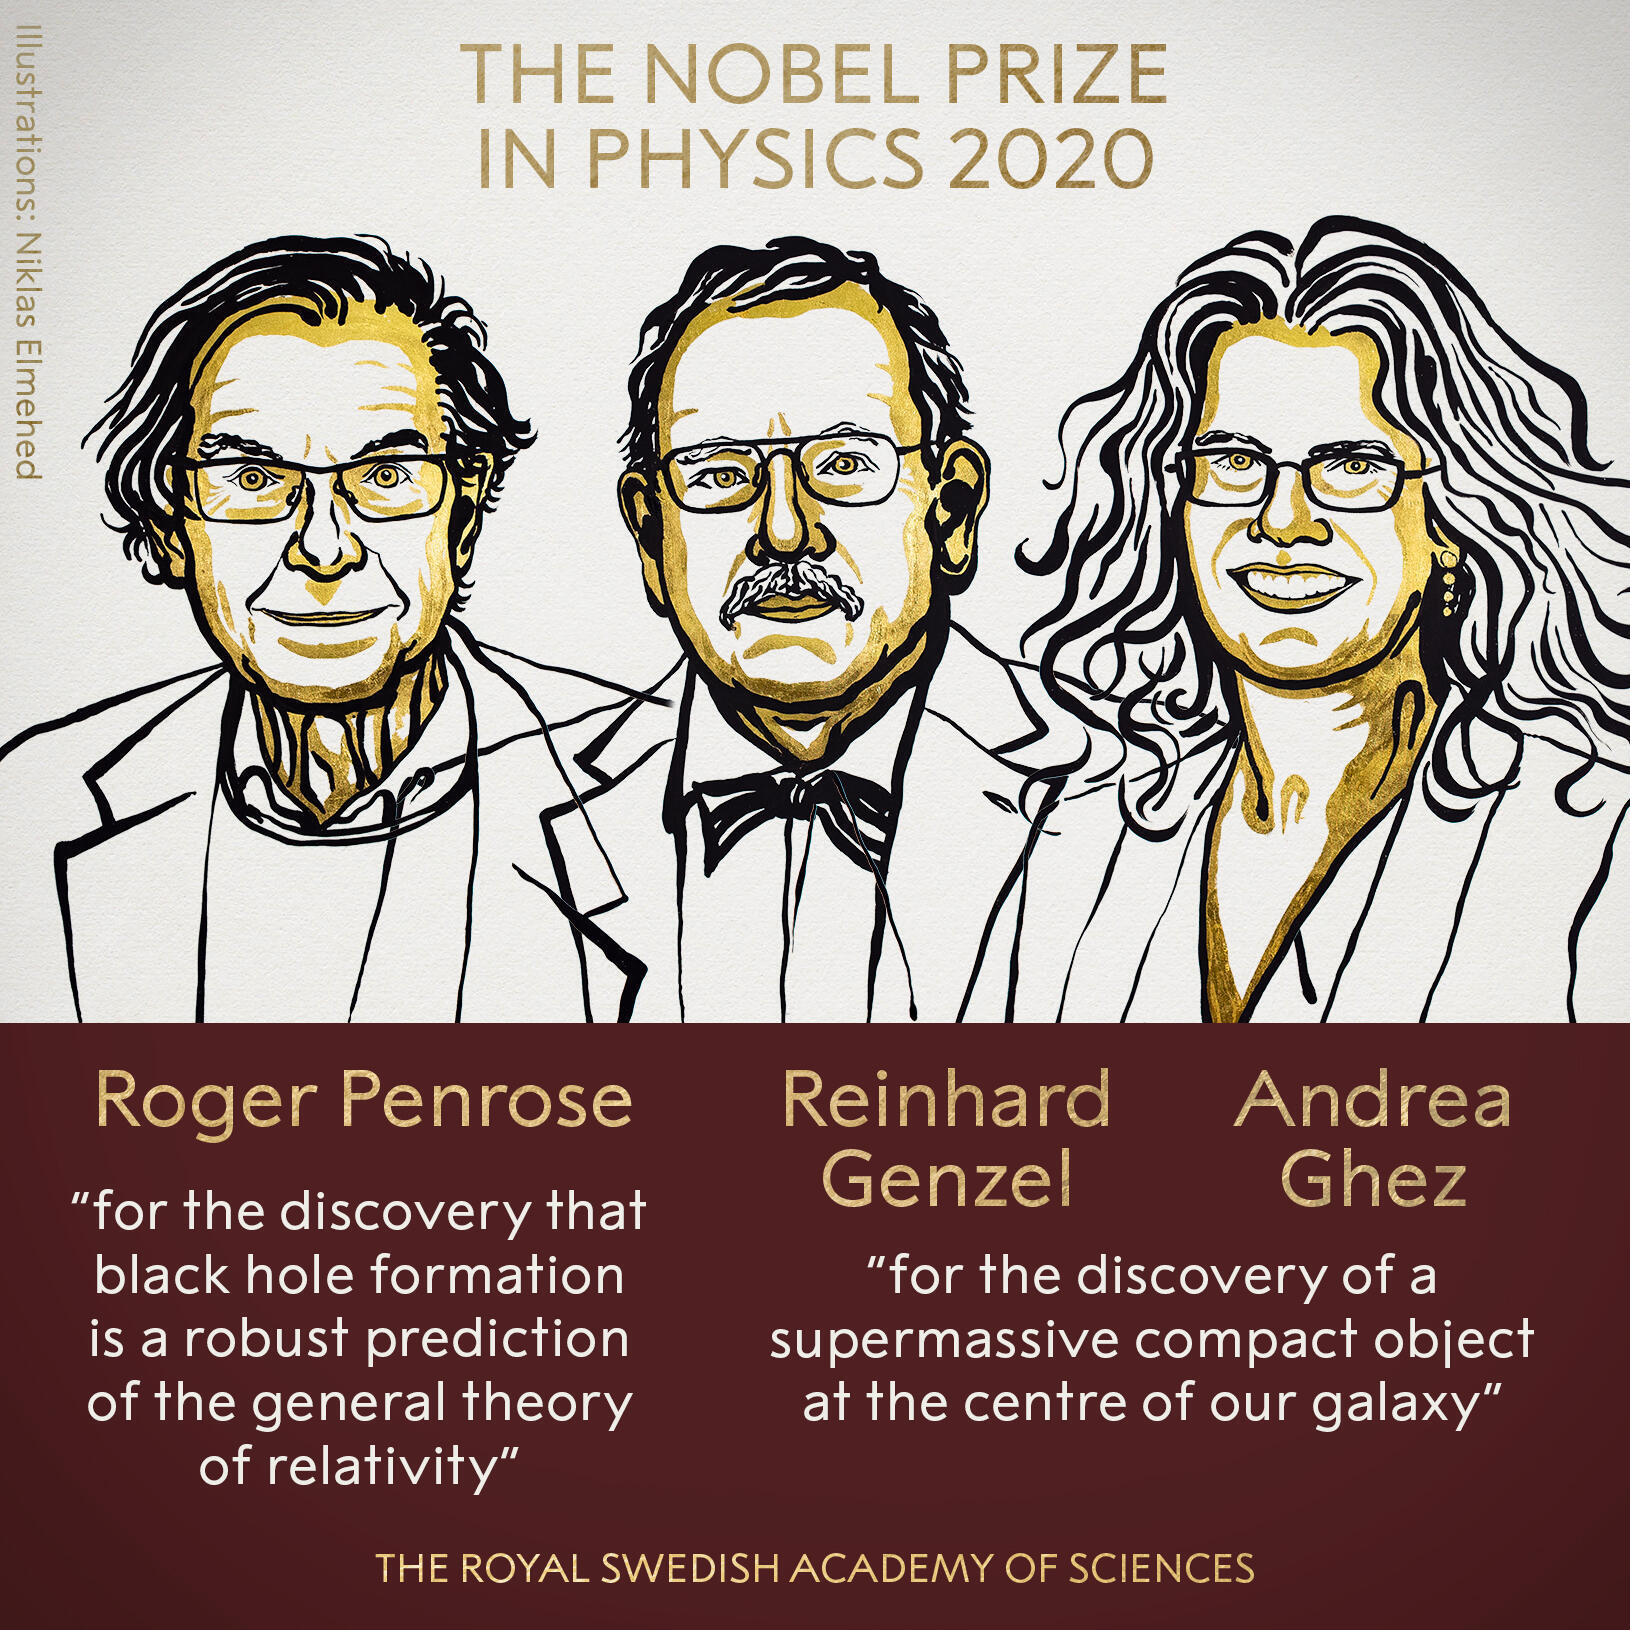 Лауреаты Нобелевской премии по физике 2020 года Роджер Пенроуз, Рейнхард Генцель и Андреа Гез.